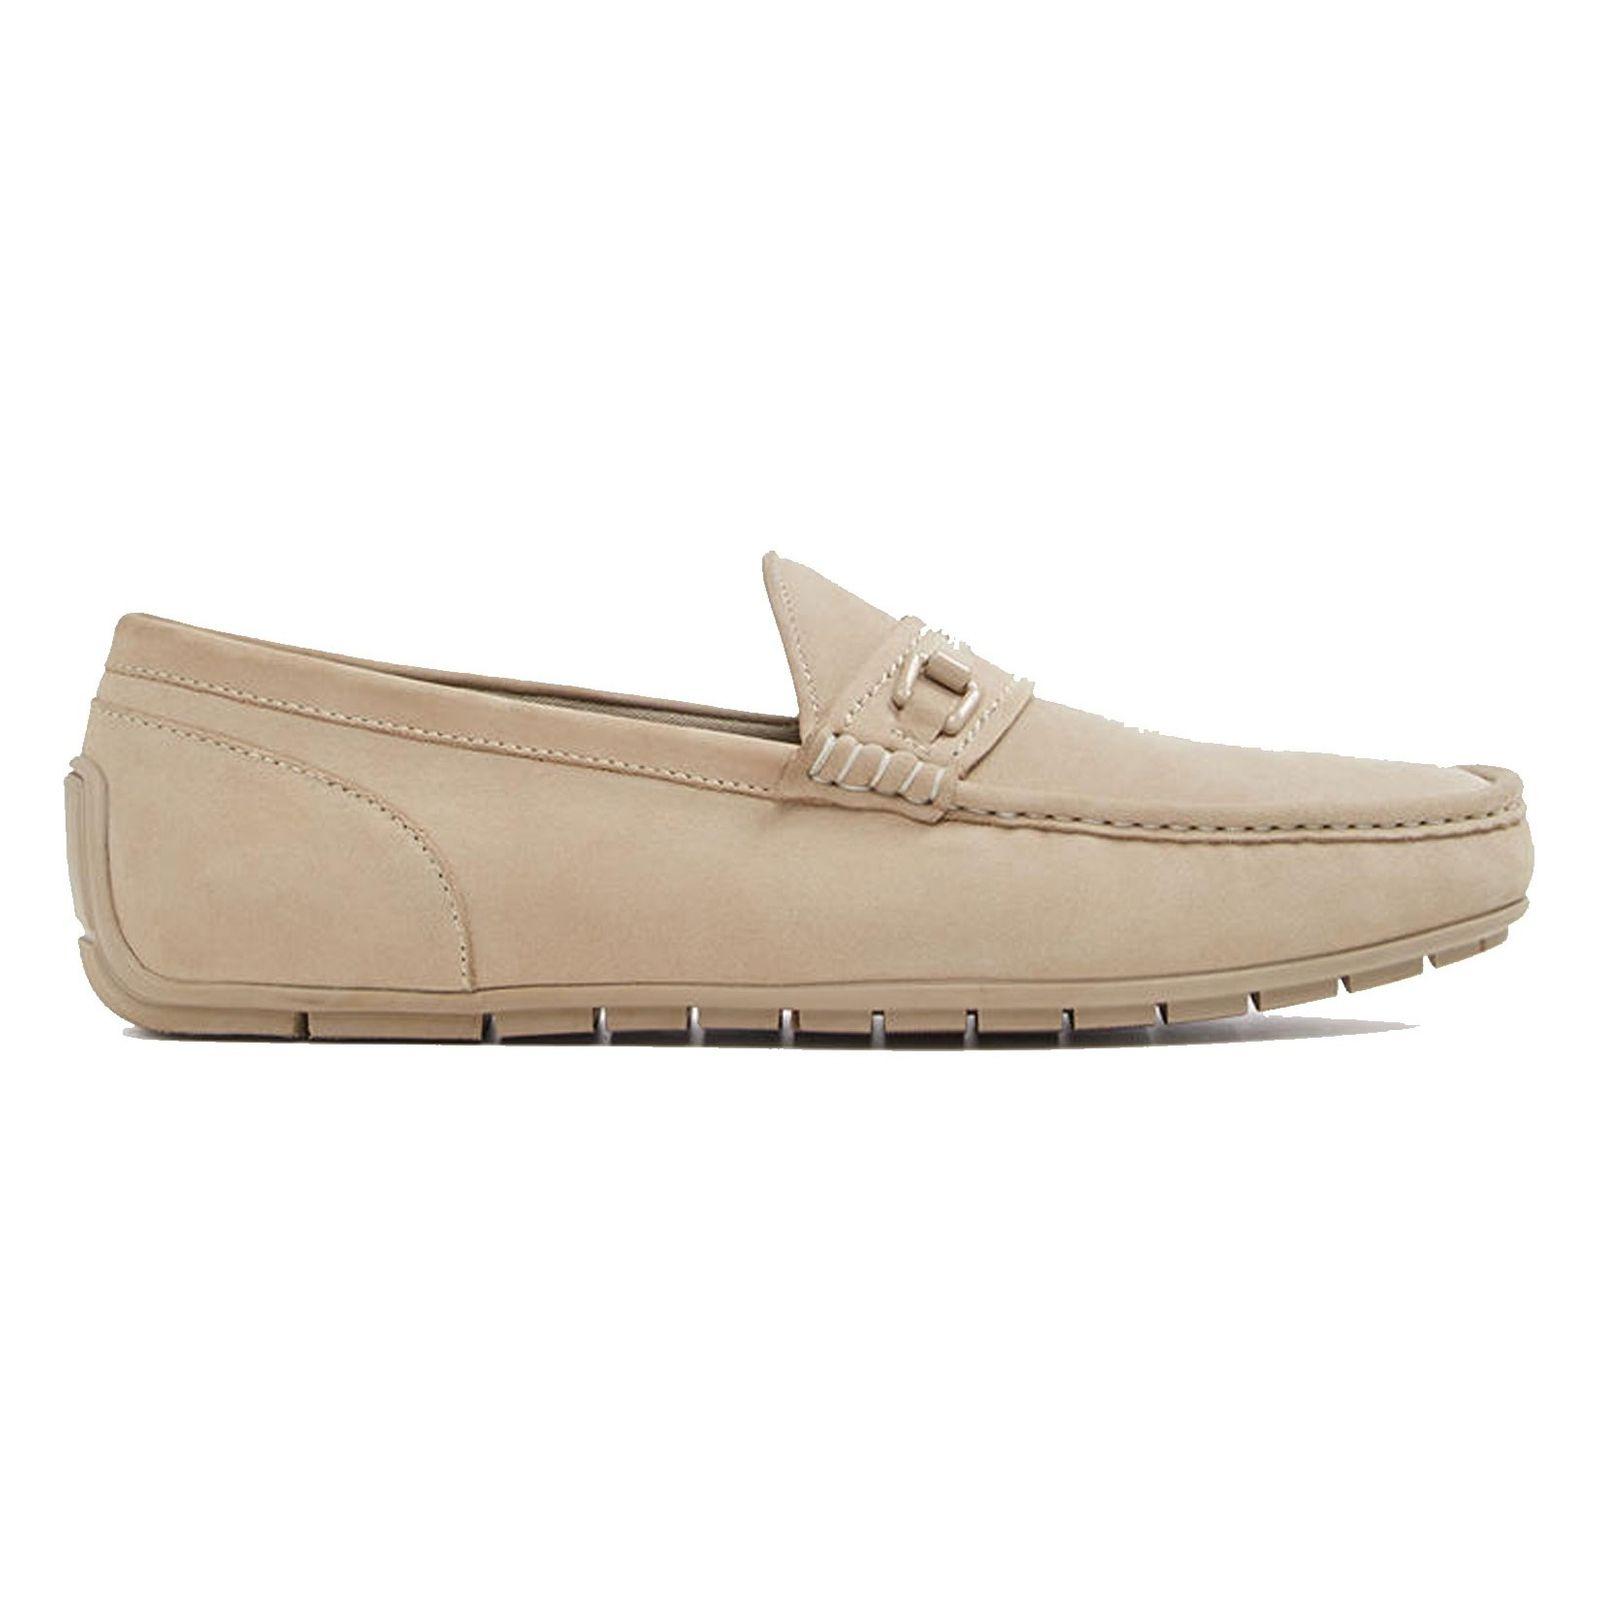 کفش چرم راحتی یکسره مردانه - آلدو - کرم - 1